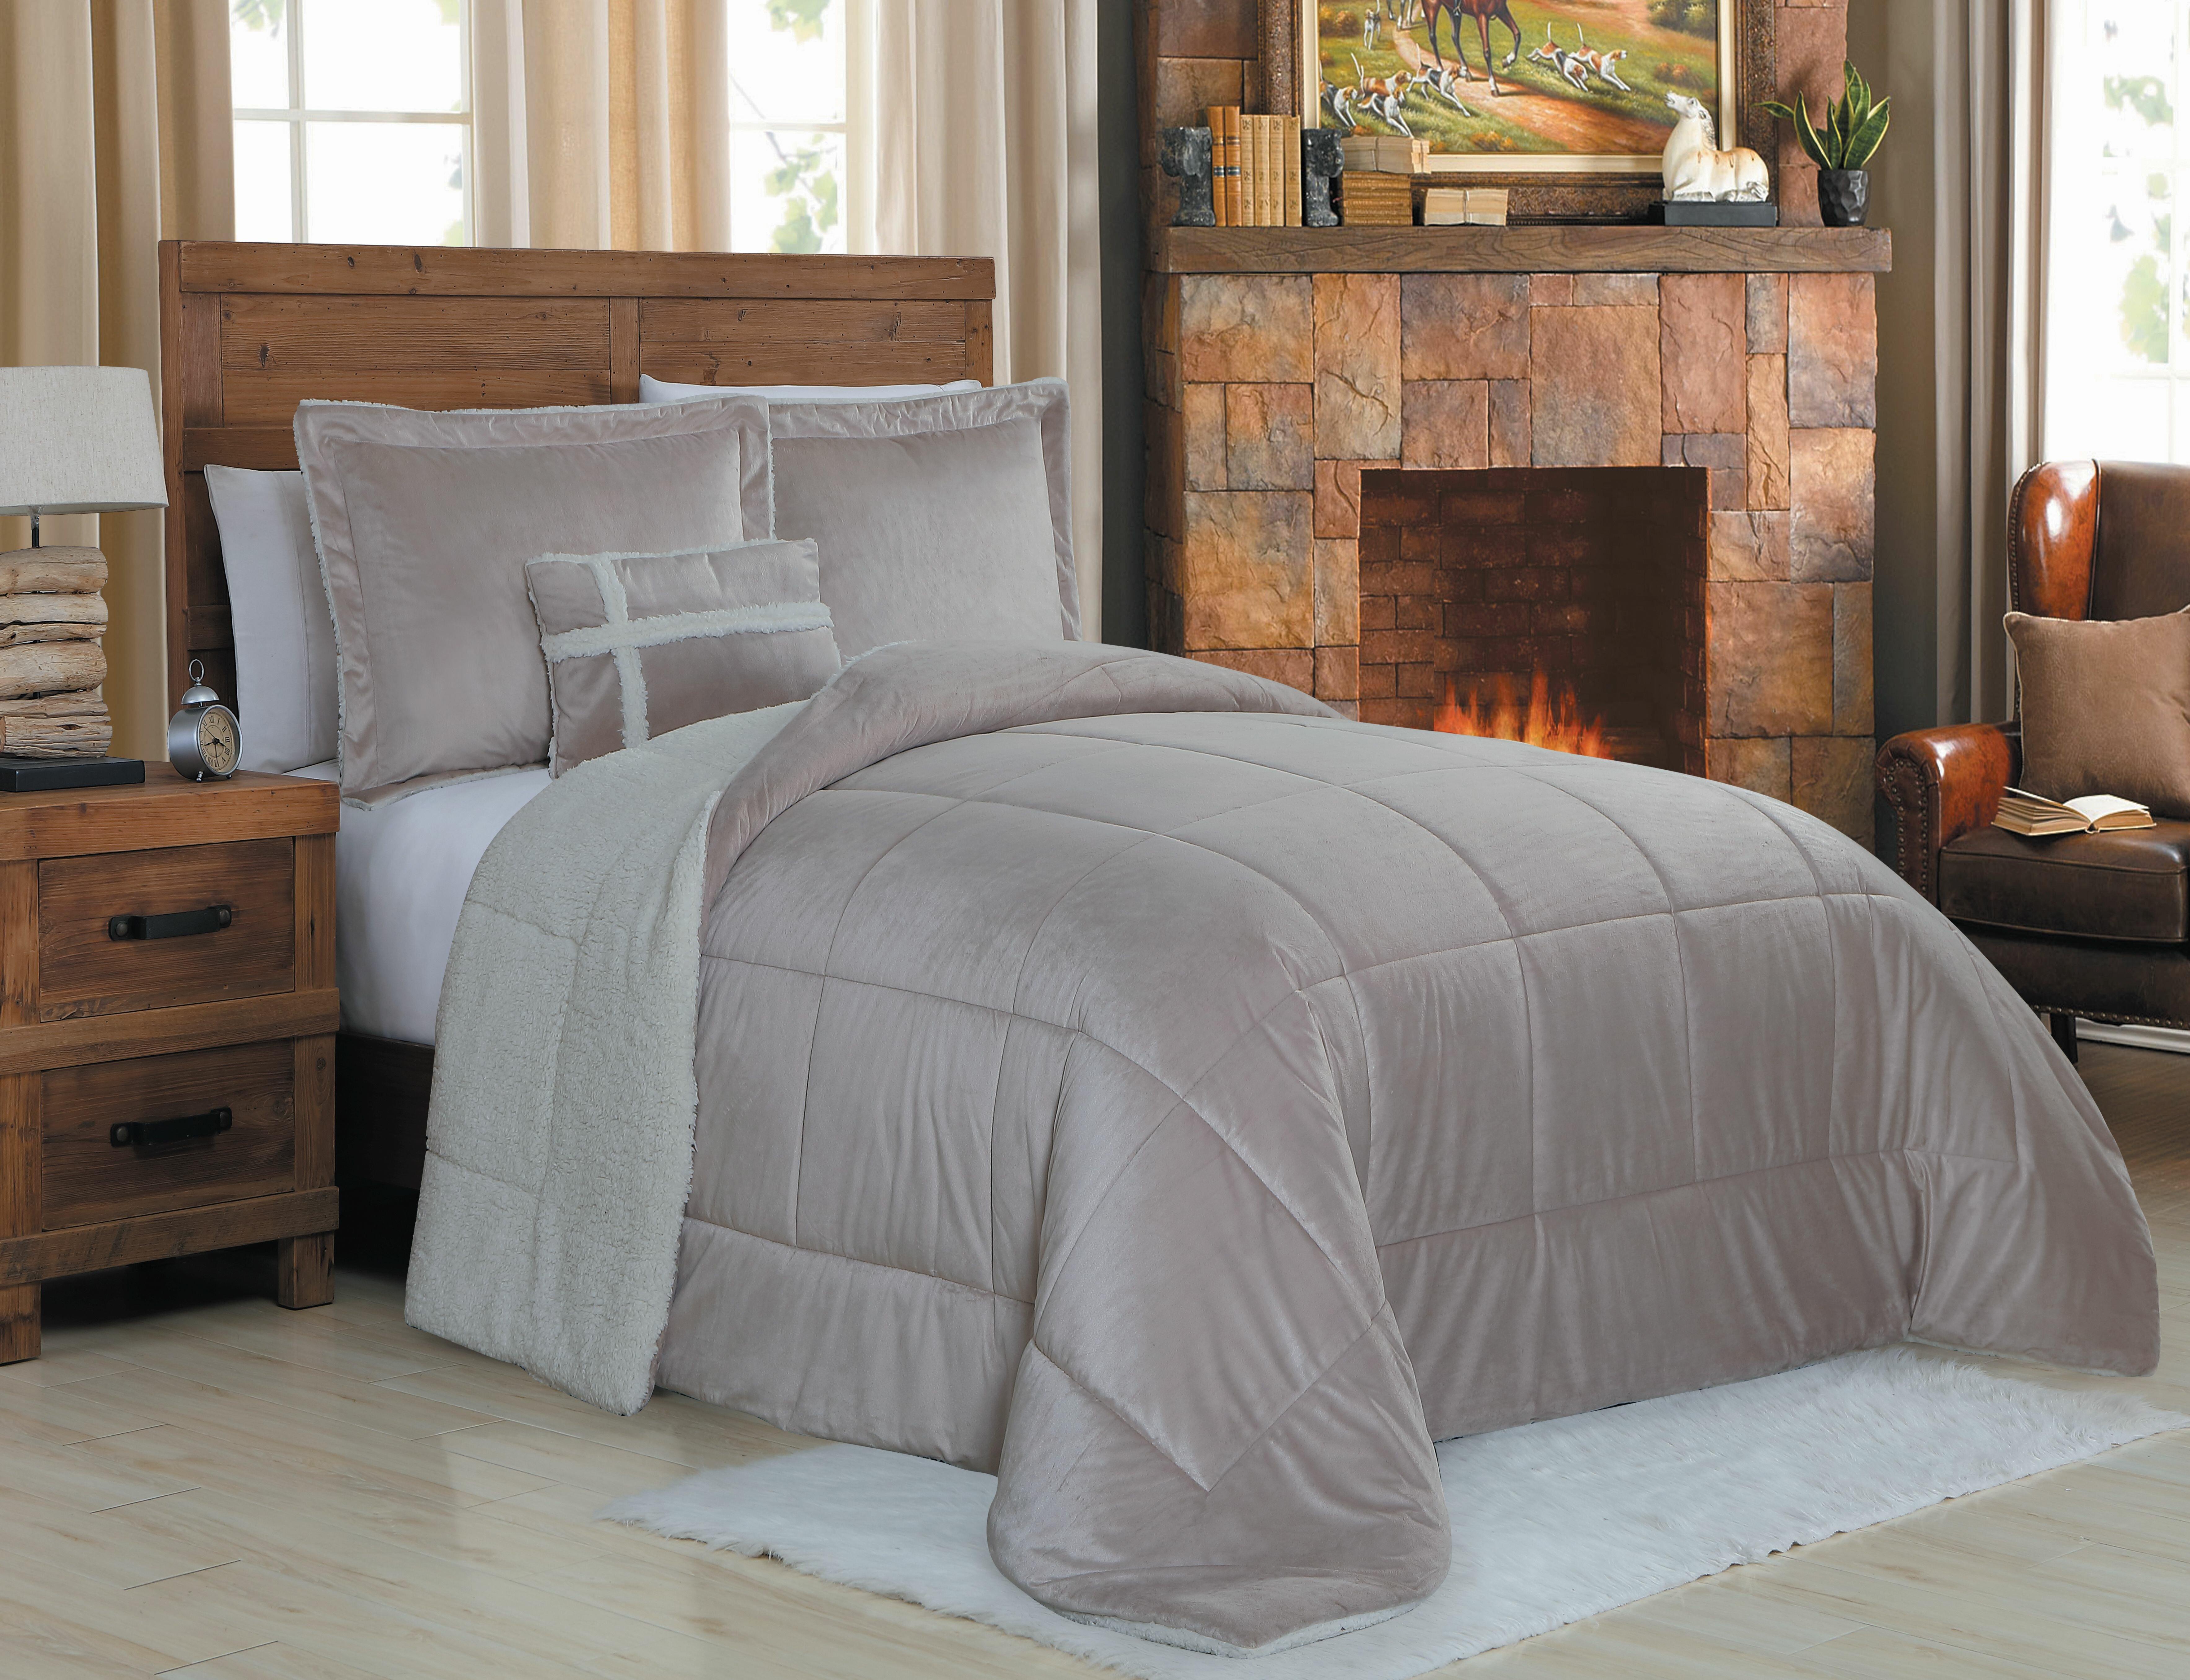 pin dakota king comforter piece set california microsuede black gray